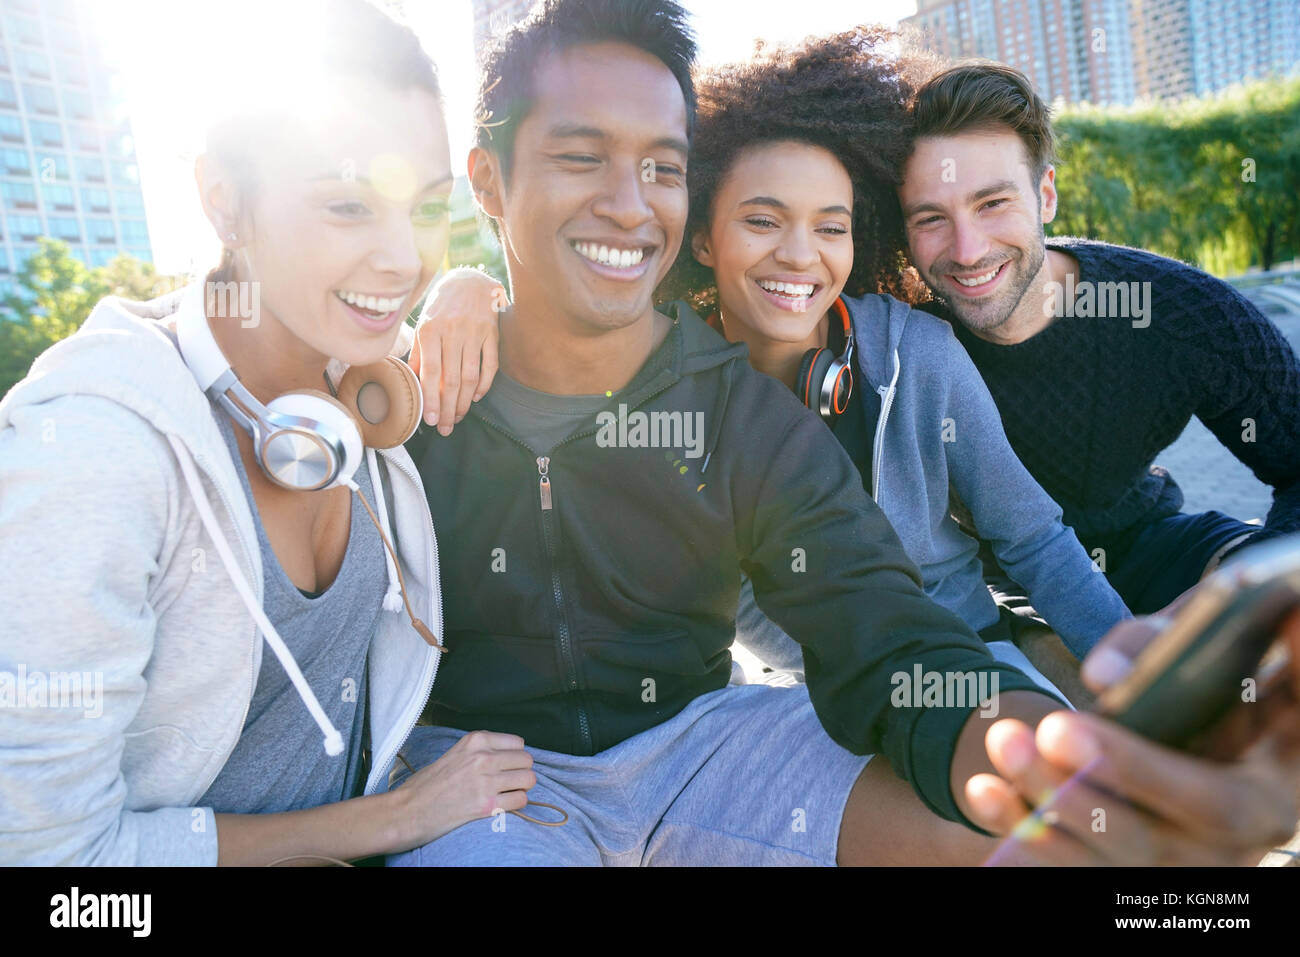 Eine Gruppe von Freunden im casual Outfit unter selfie Bild mit Smartphone Stockbild